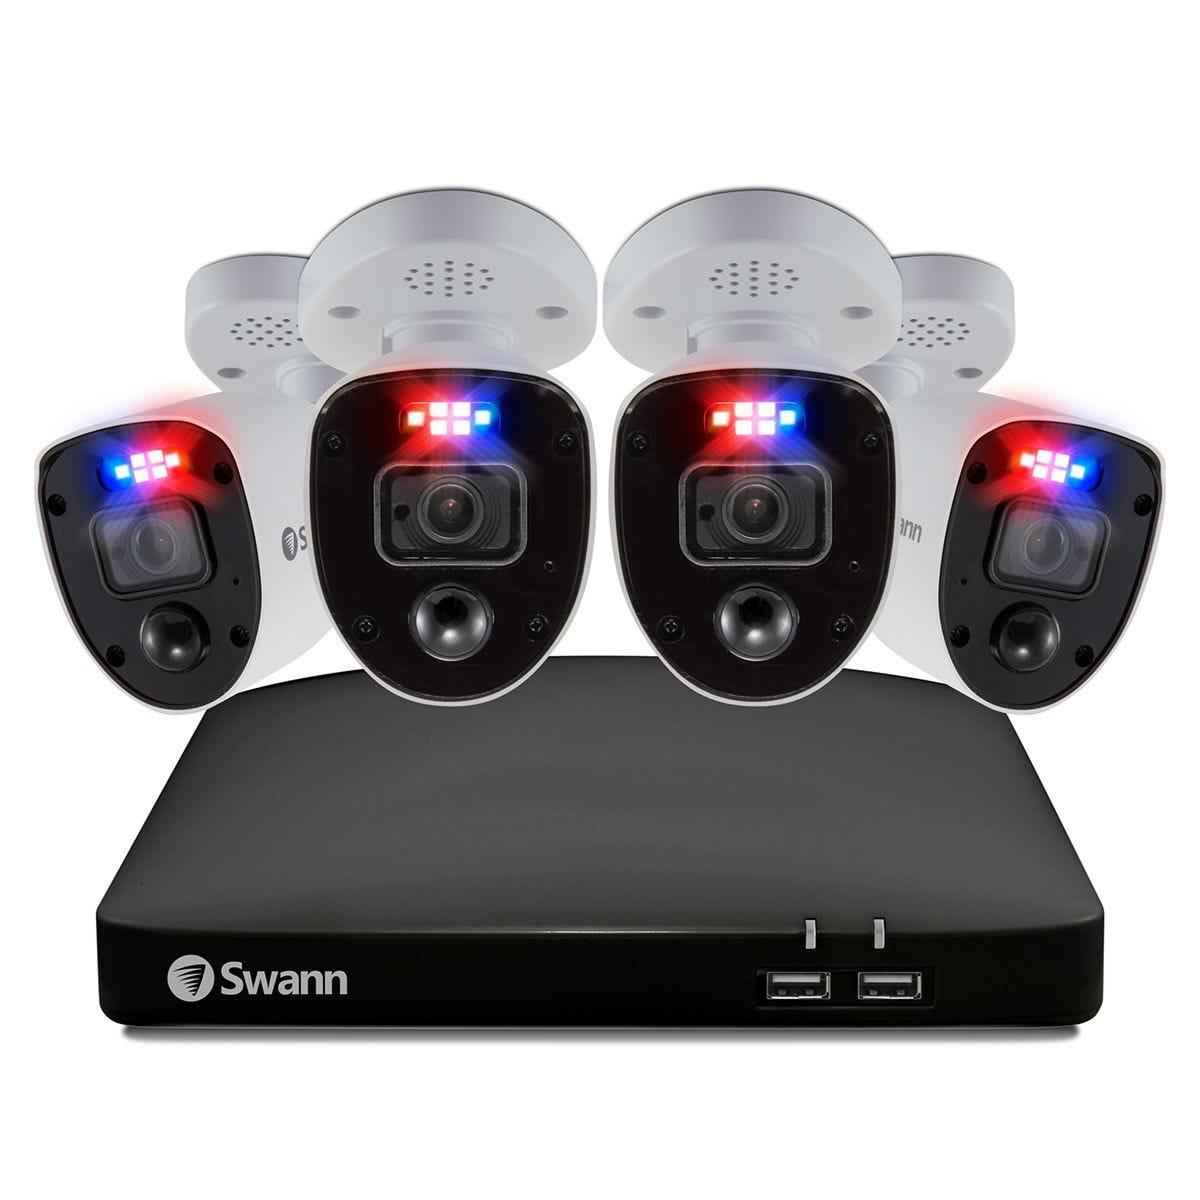 Swann Smart Enforcer 4 Camera 8 Channel DVR CCTV Security System